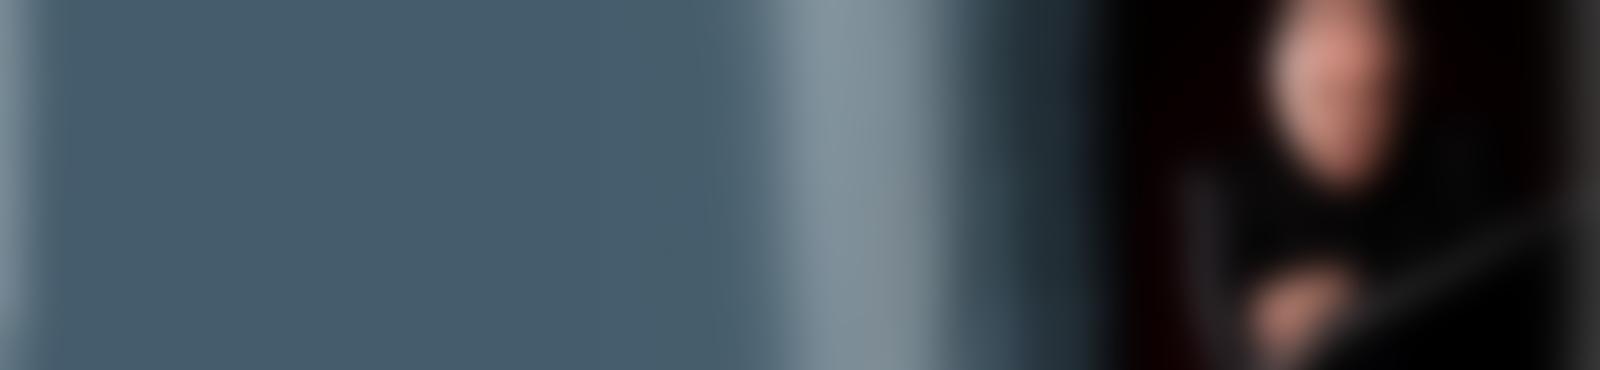 Blurred 15a3c8c5 58f5 465d bdb3 bf0ea7c0286a